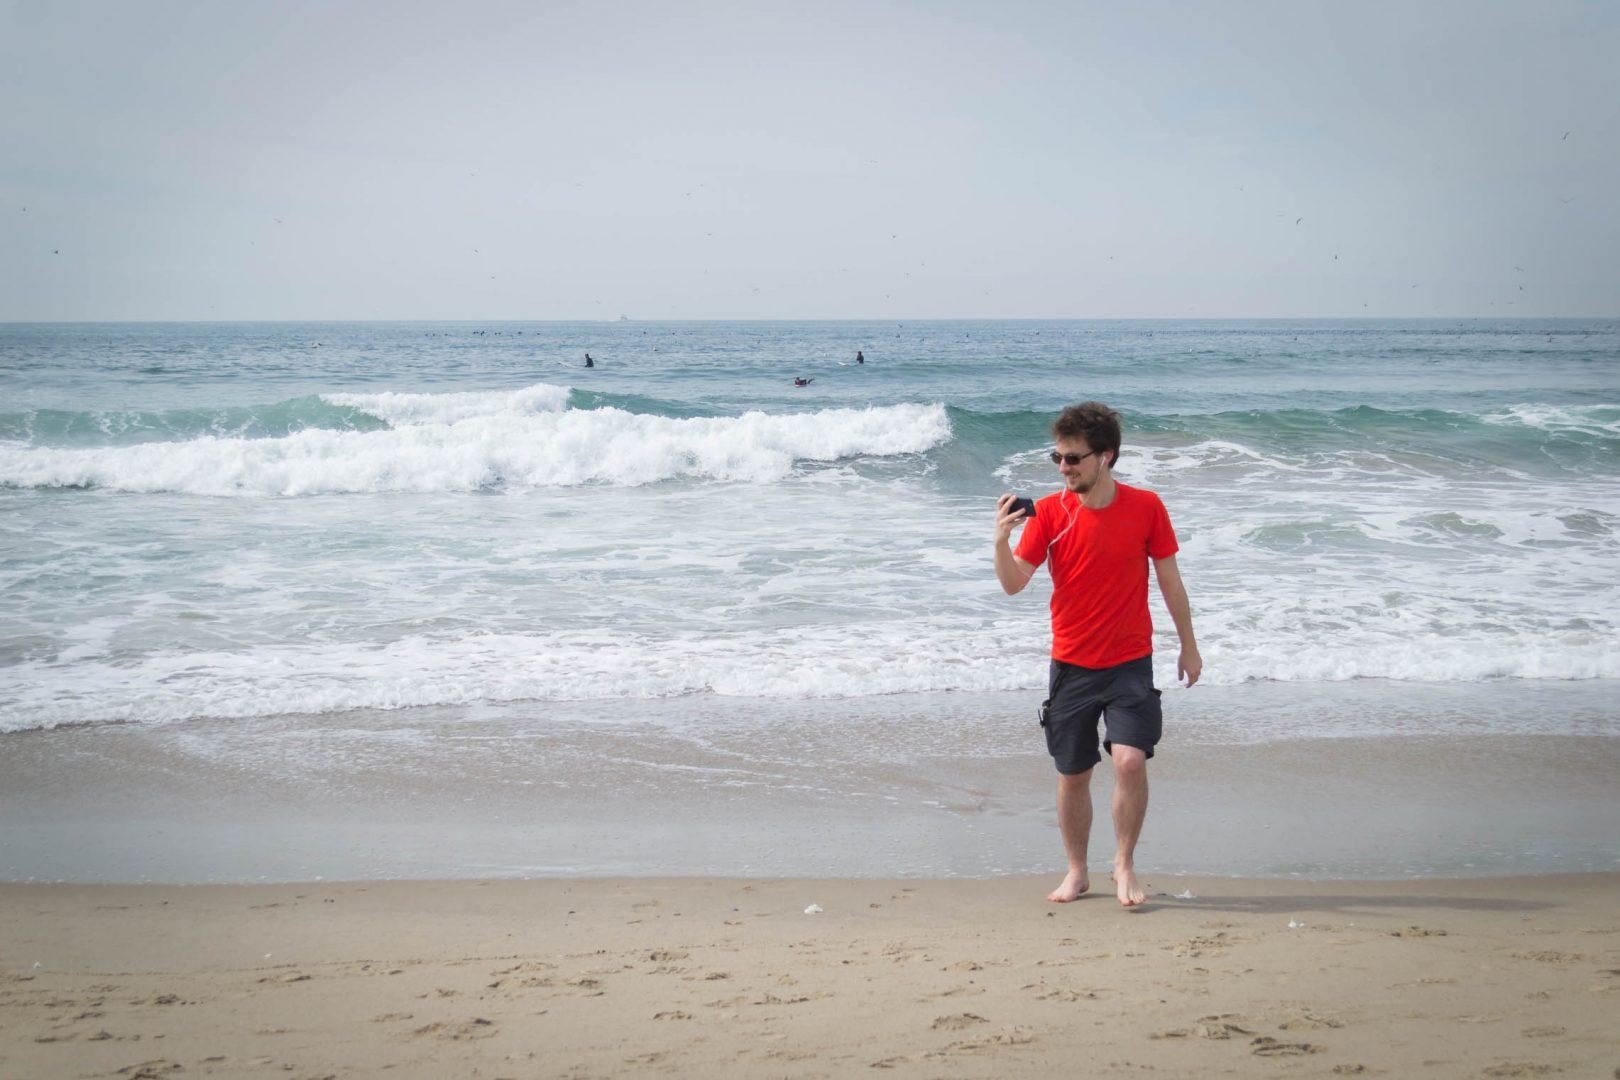 Votre serviteur parfaitement connecté sur la plage de Venice Beach